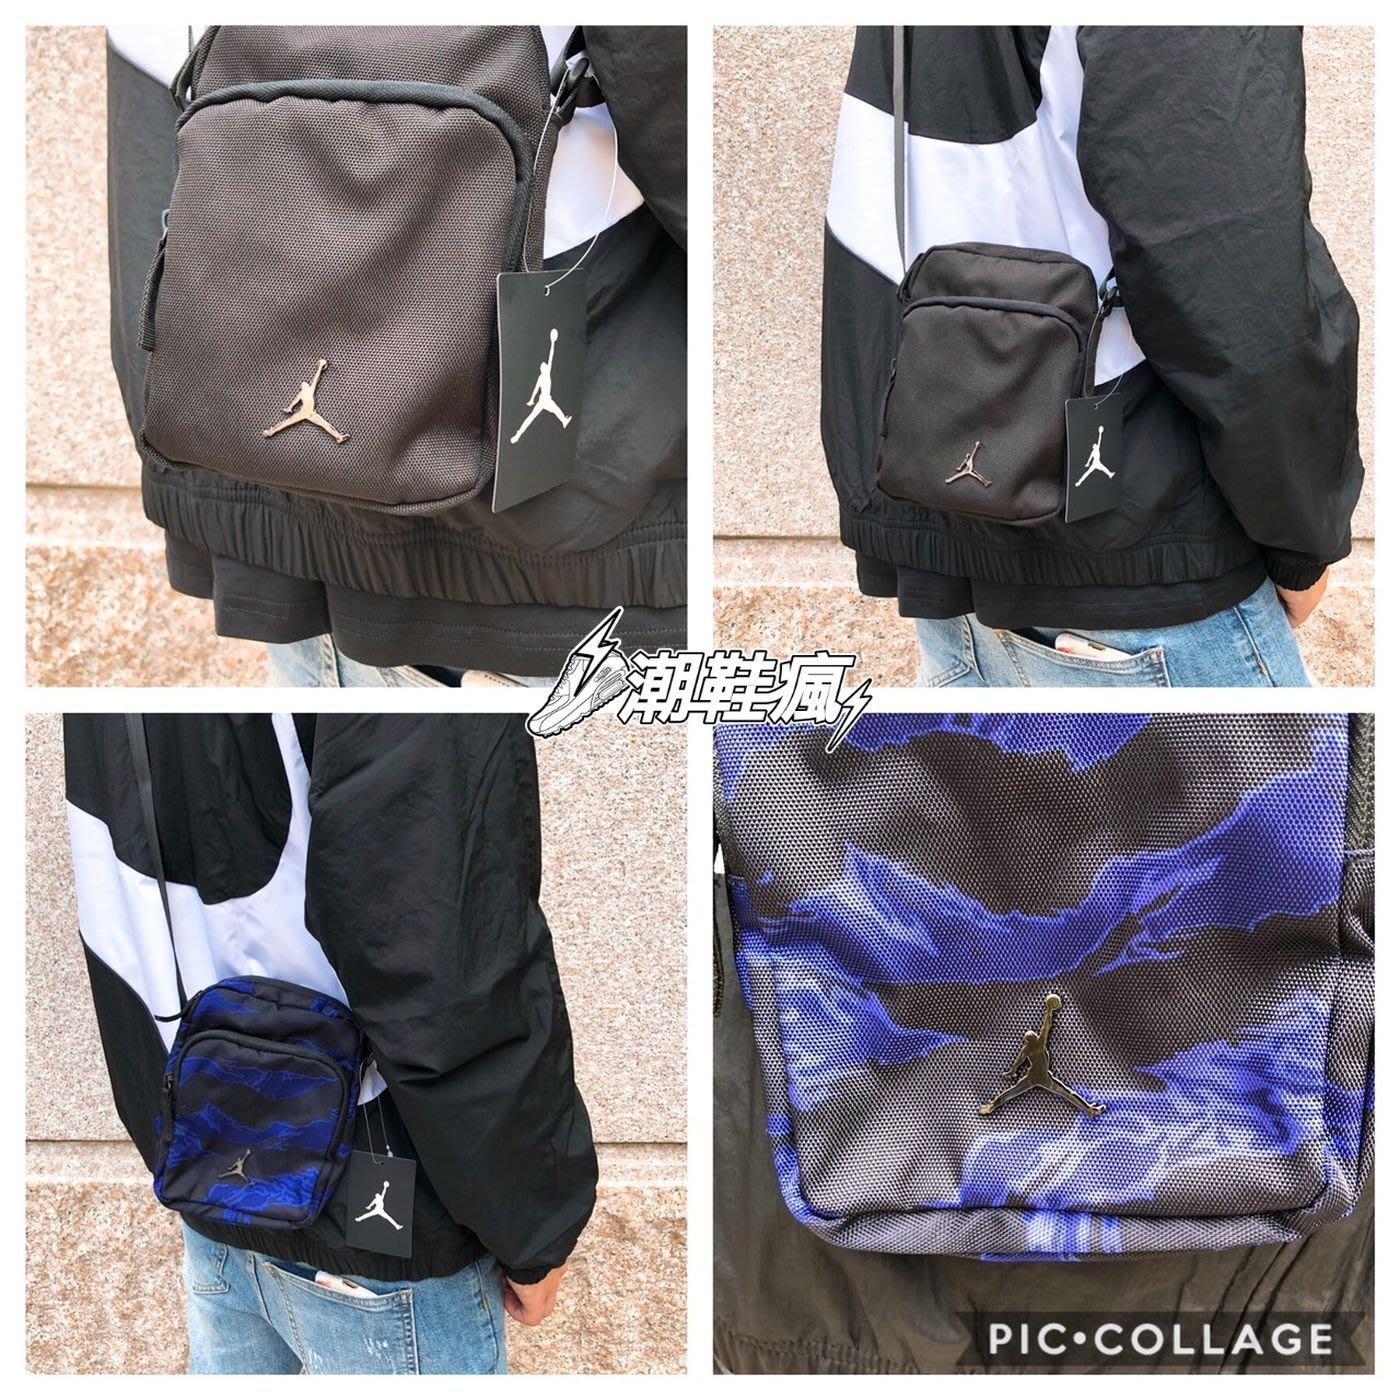 ⚡ 潮鞋瘋⚡️Jordan MINI 金屬LOGO AJ 側背包全黑9A0070-023 黑紫9A0070-K7D  8561e0e3bff61